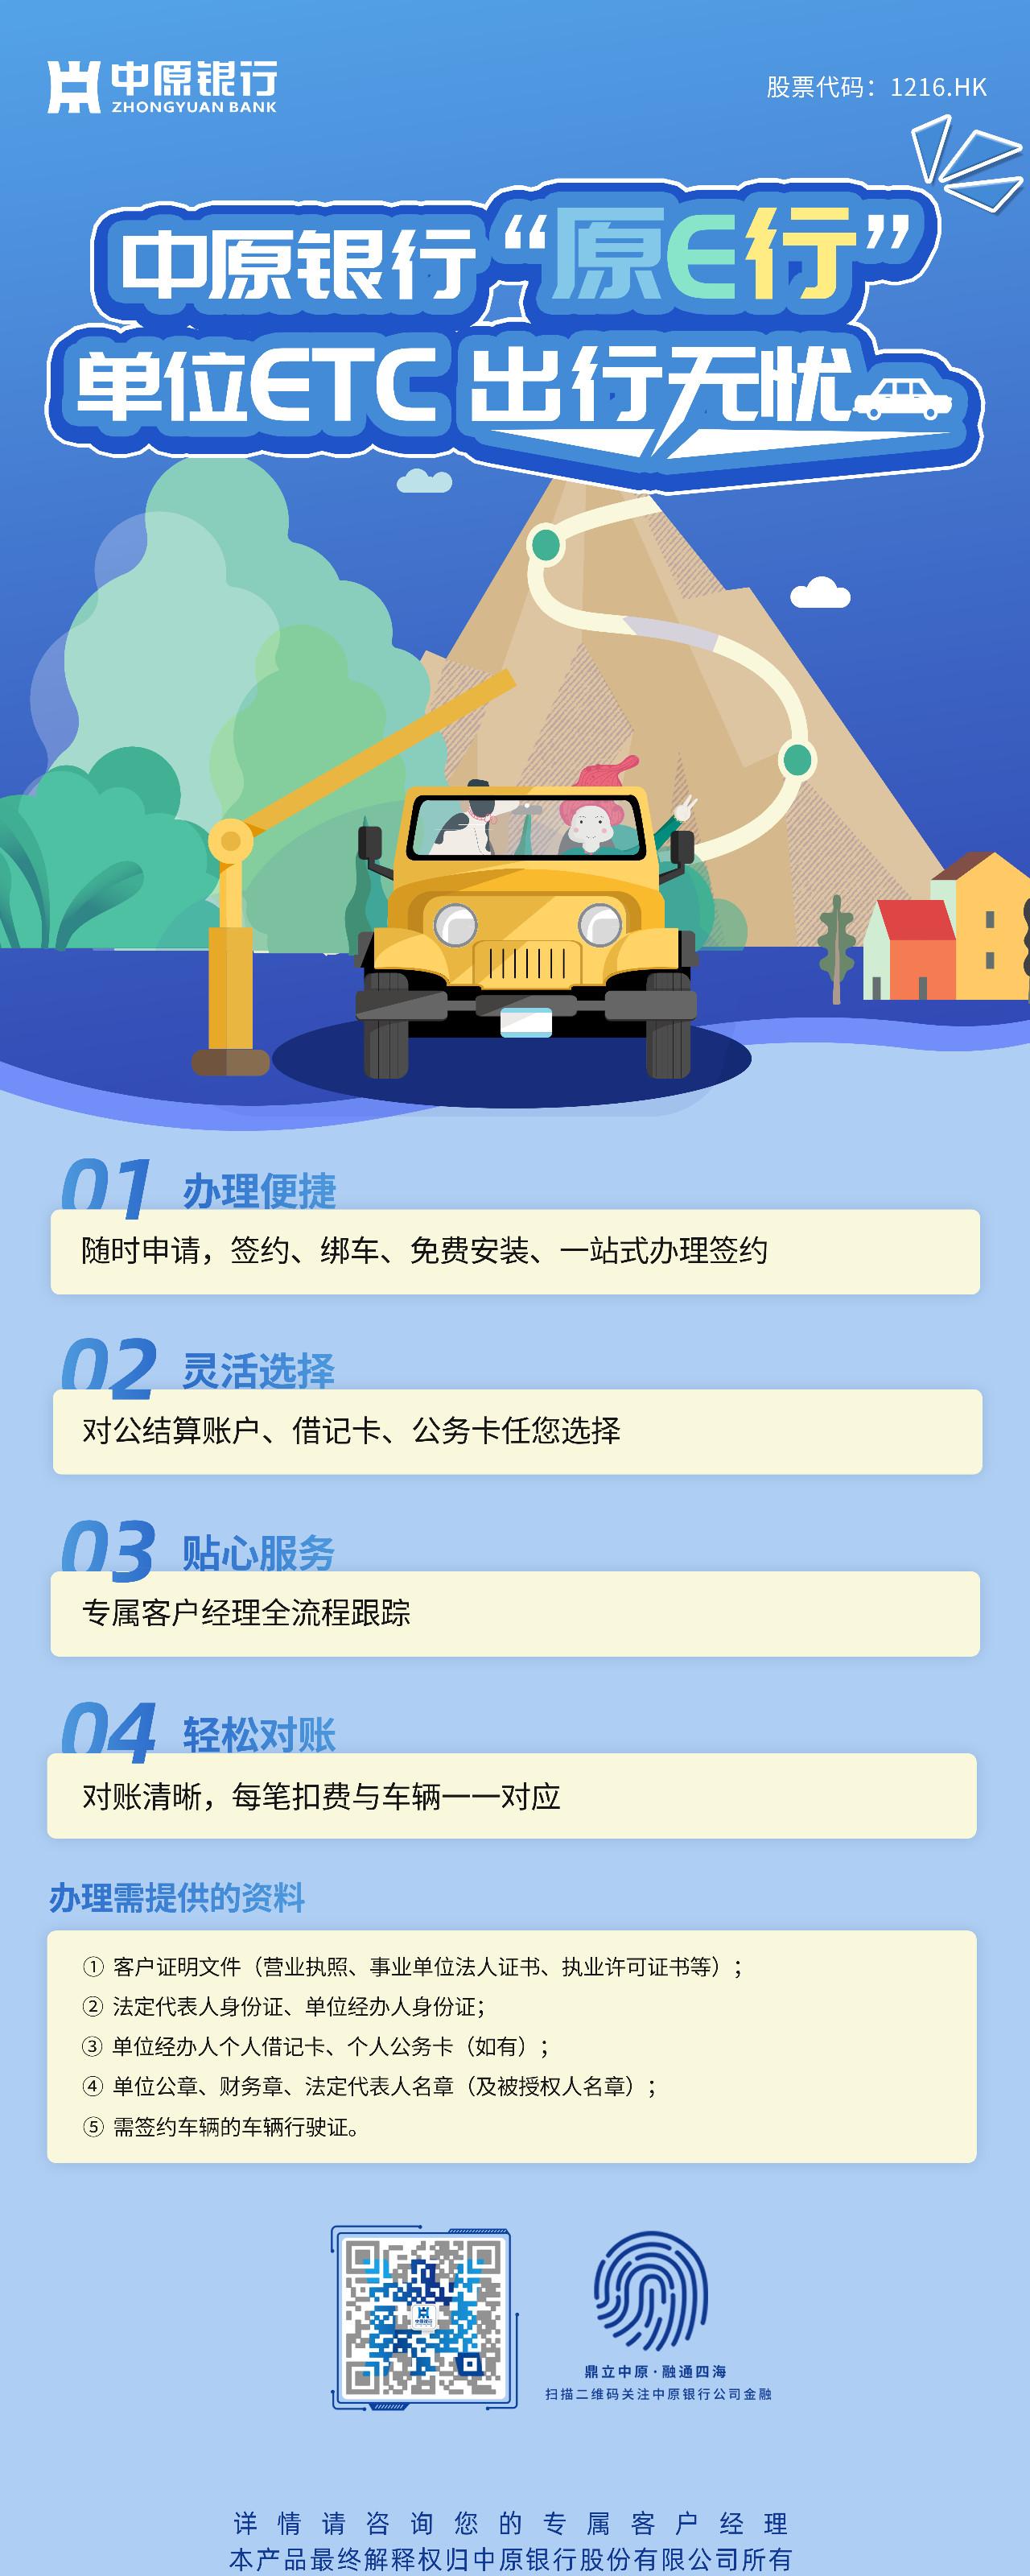 """1.17中原银行""""原E行""""单位ETC伴您出行无忧.jpg"""